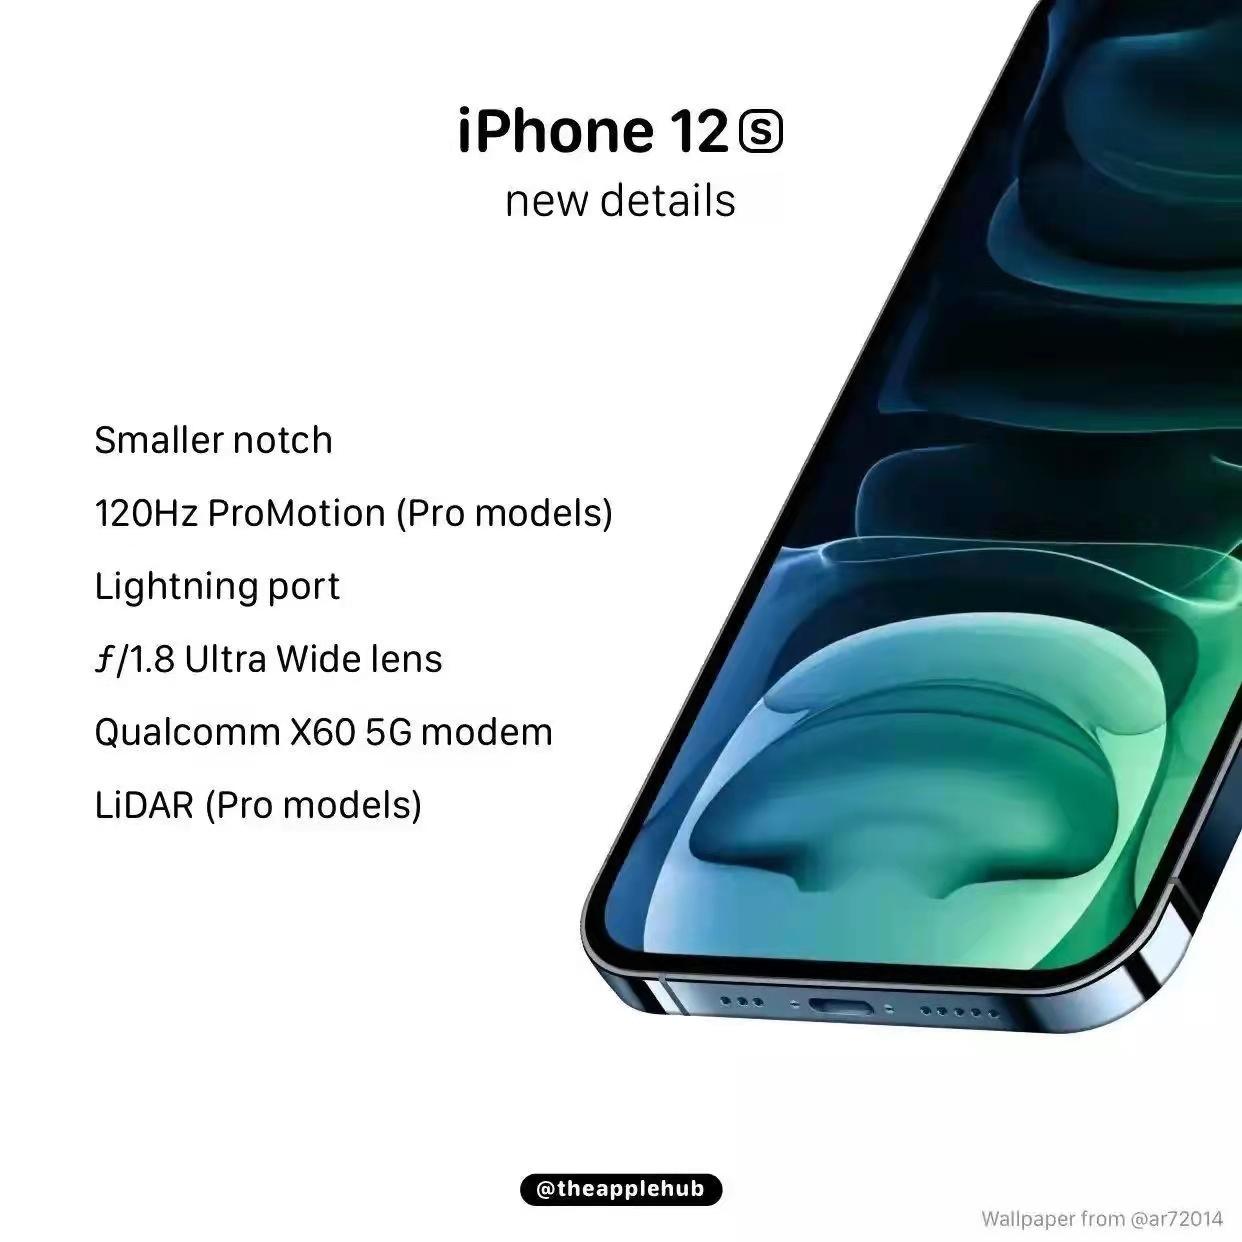 釋出會不用看了?iPhone13懸念還有不少,叫12S還是13都不一定